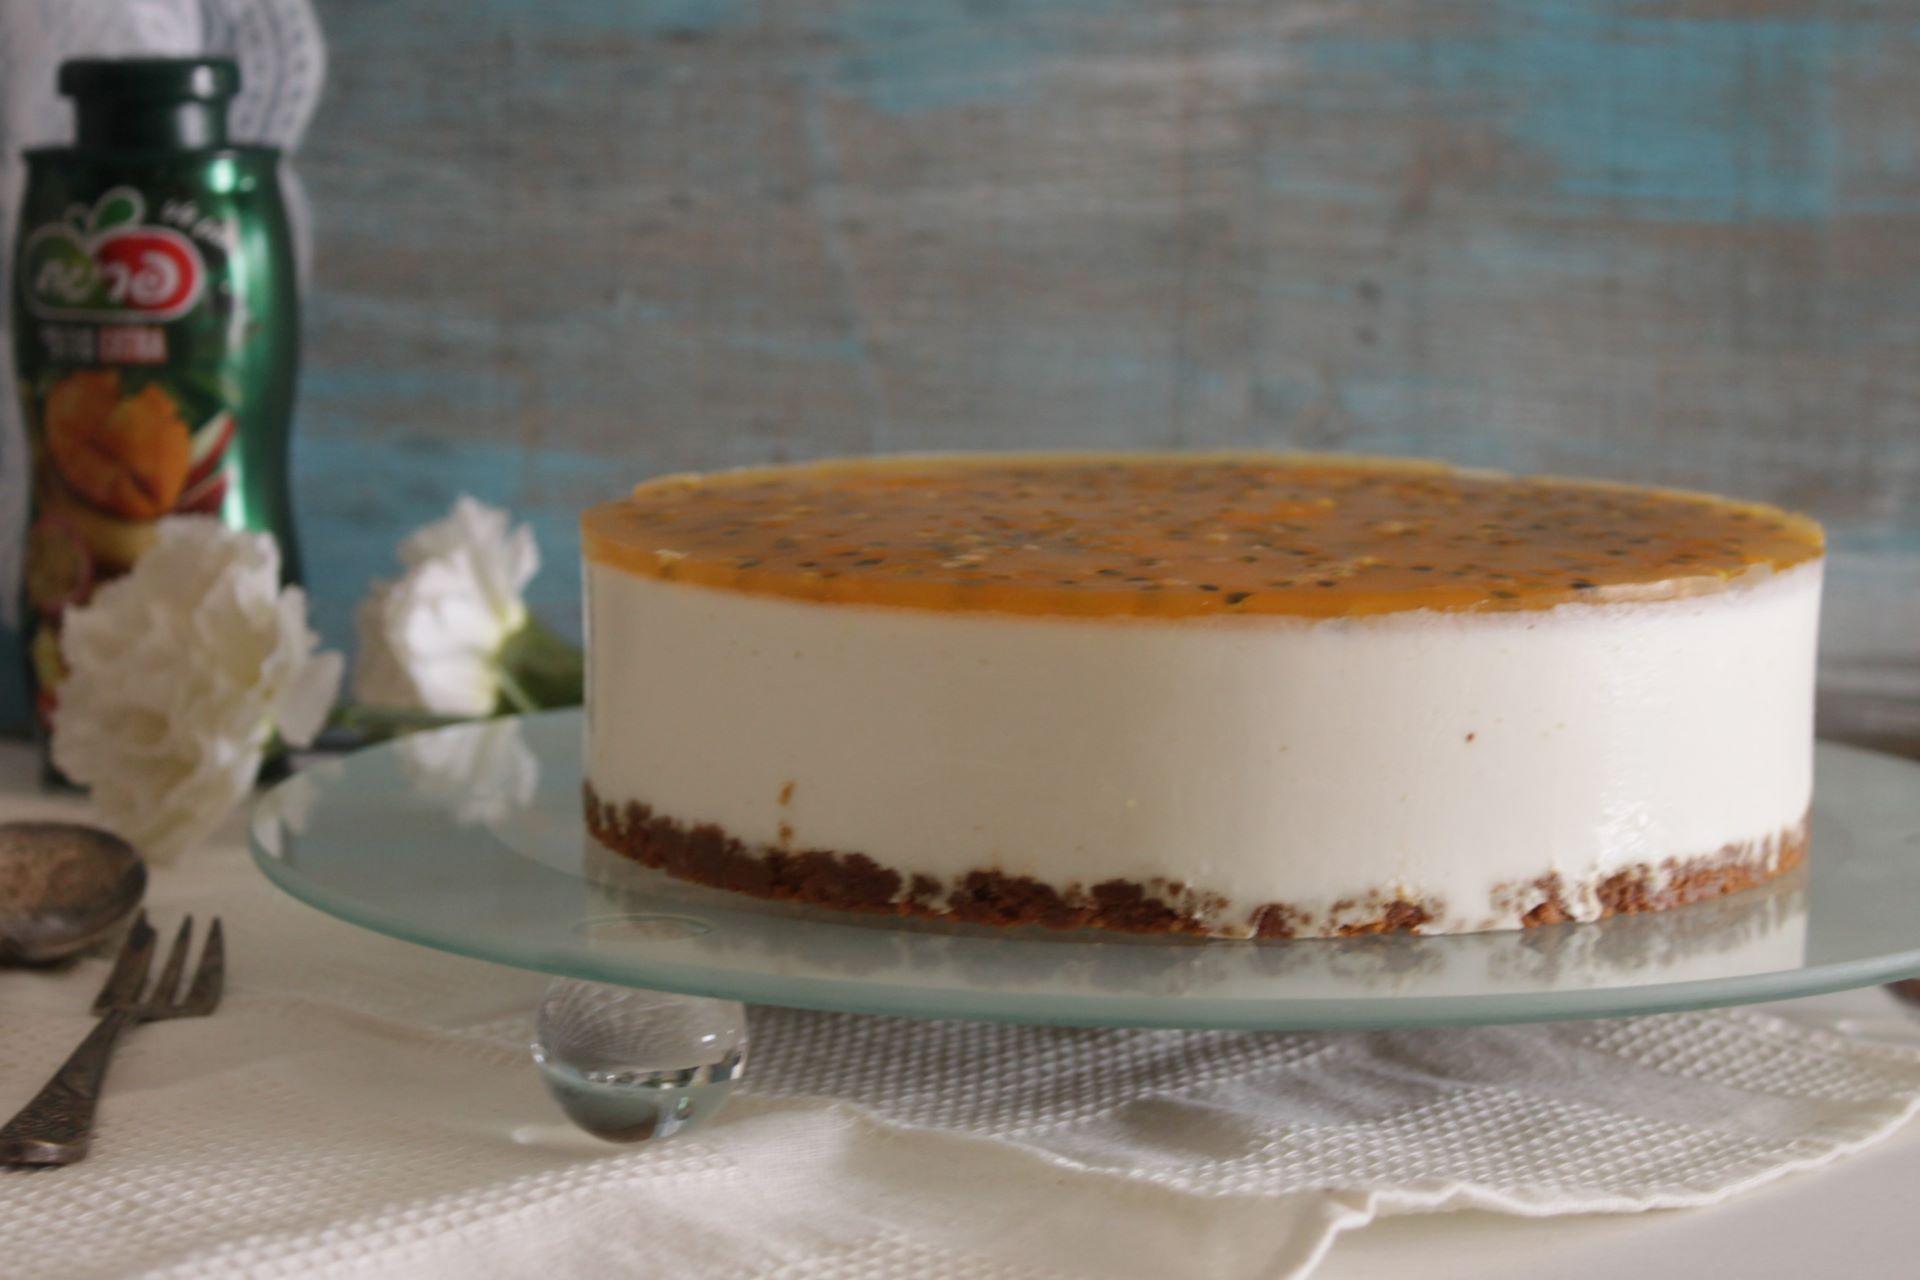 עוגת גבינה בציפוי פסיפלורה